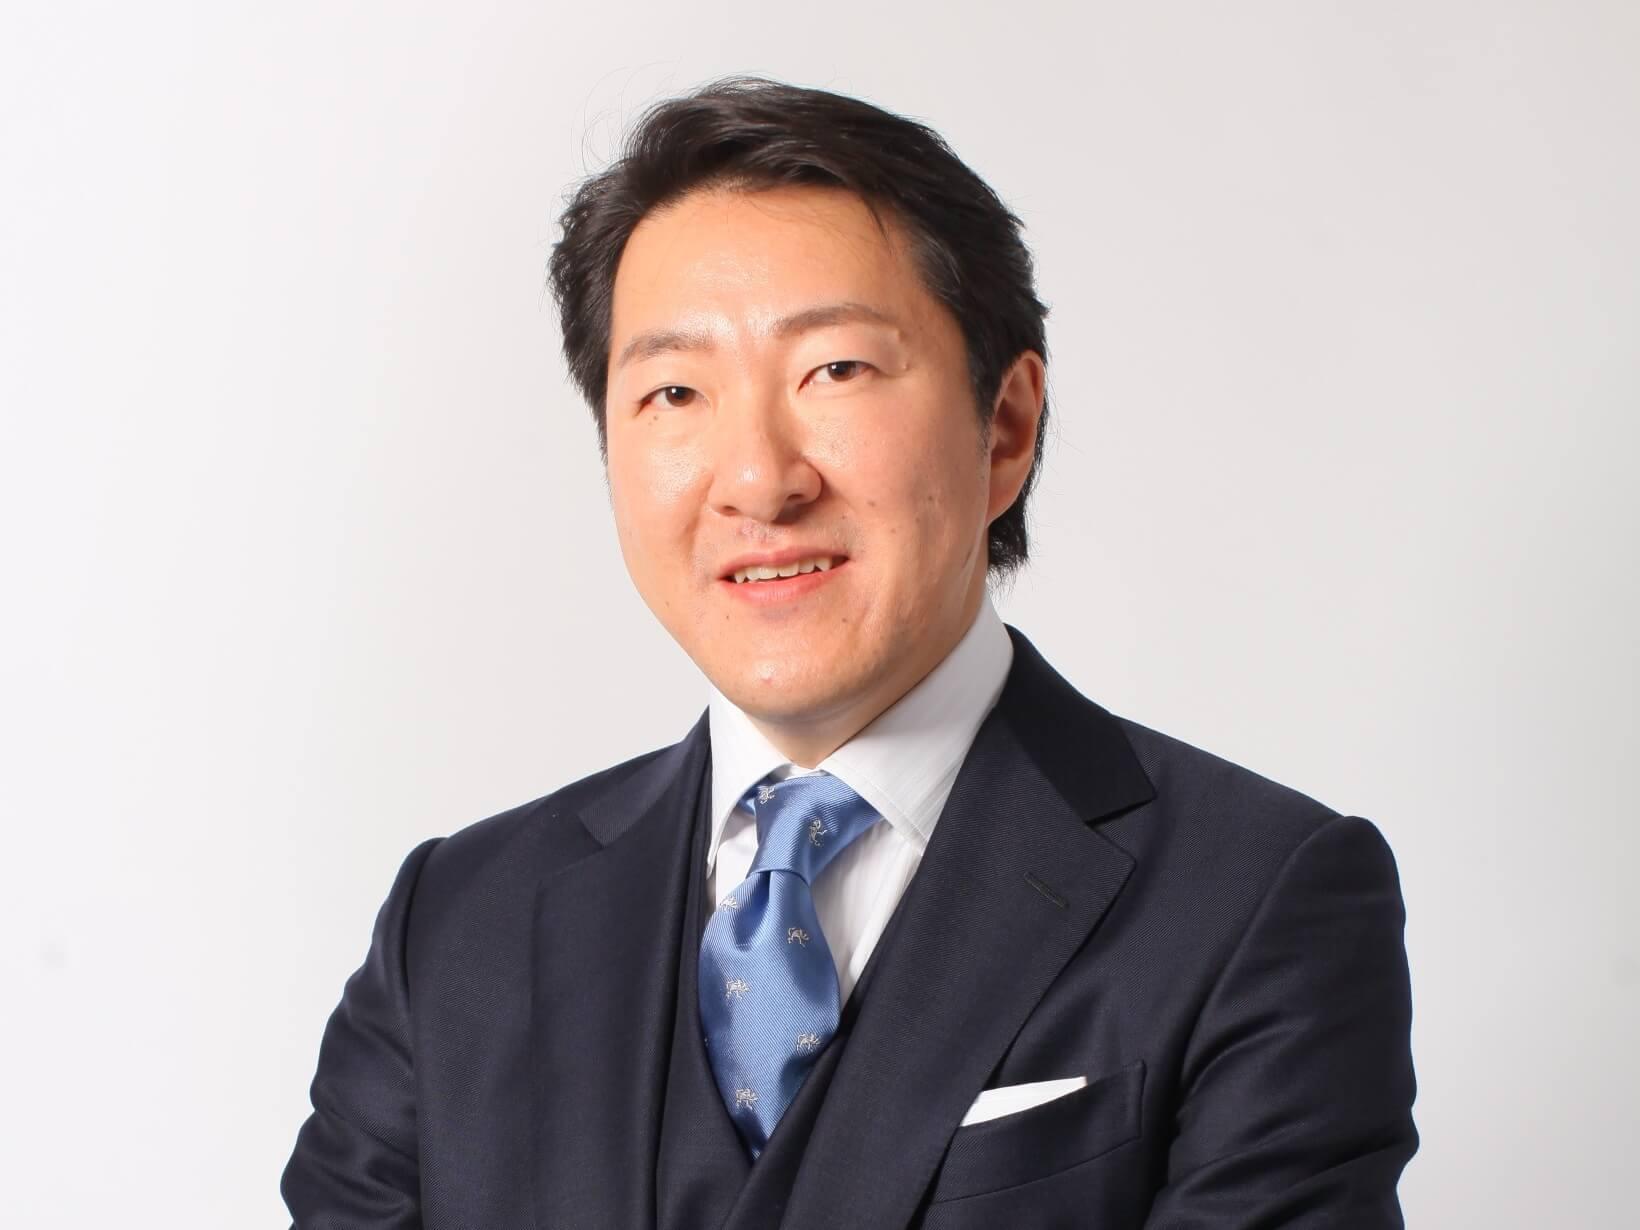 南青山グループ CEO(公認会計士/税理士) 仙石 実(せんごく みのる)氏